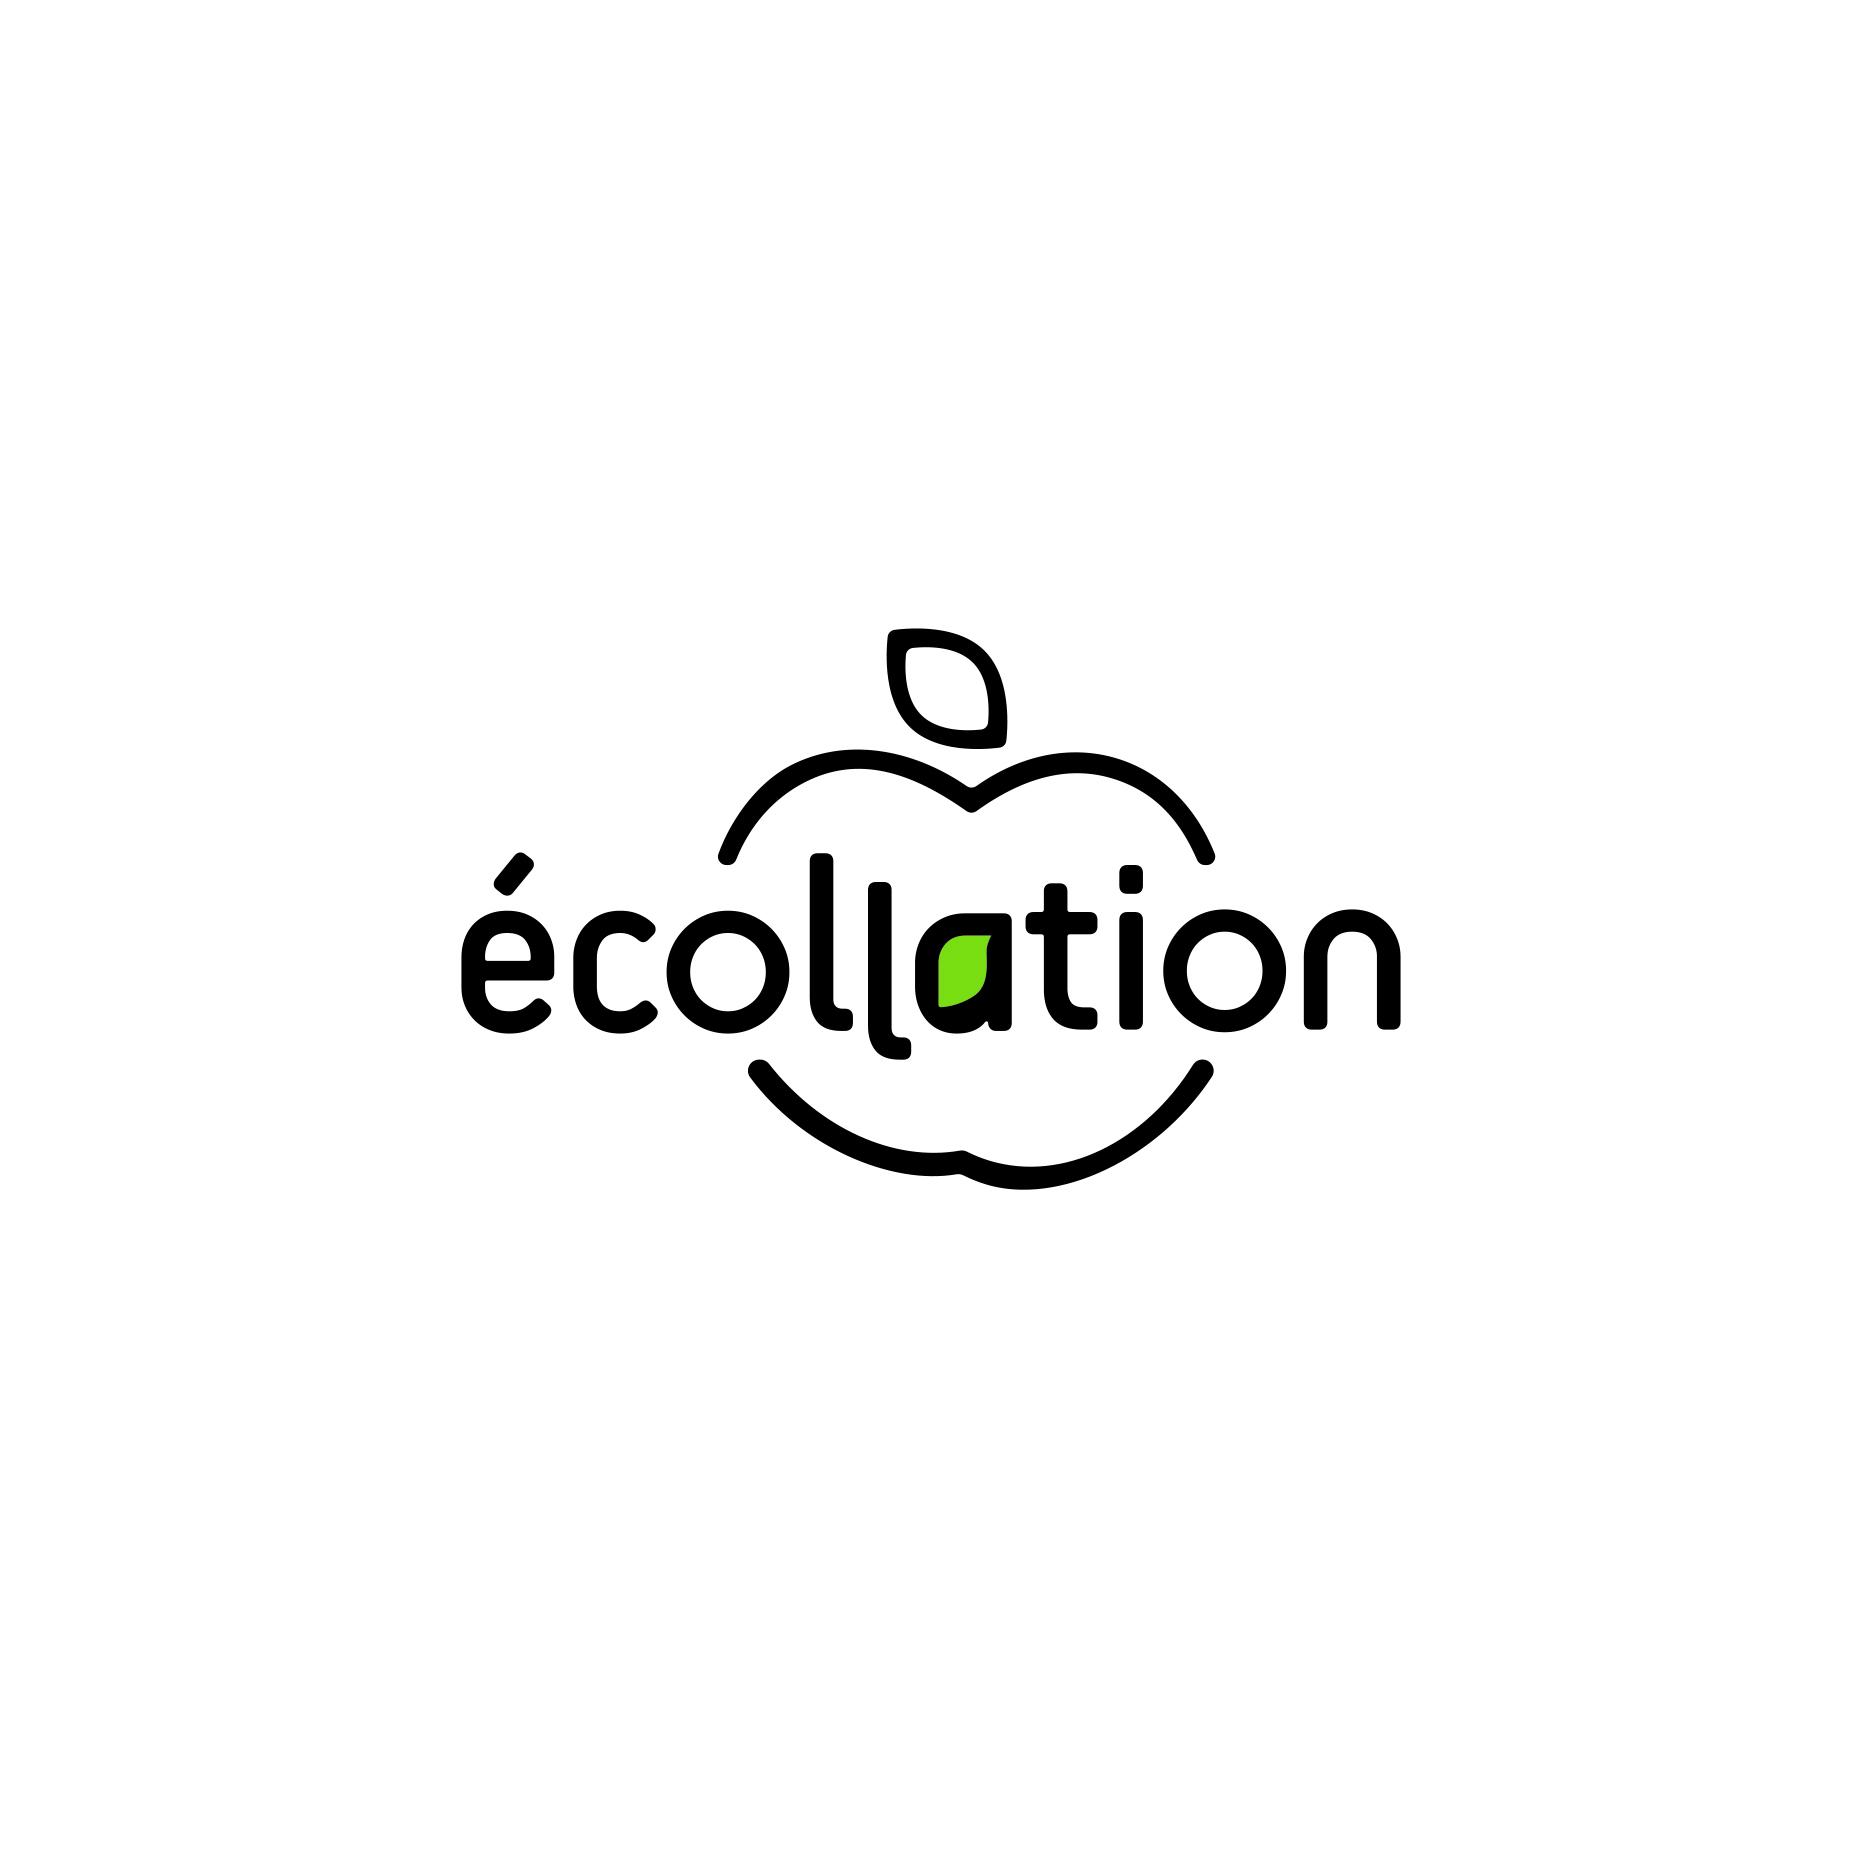 ecollation-vert-pomme.jpg